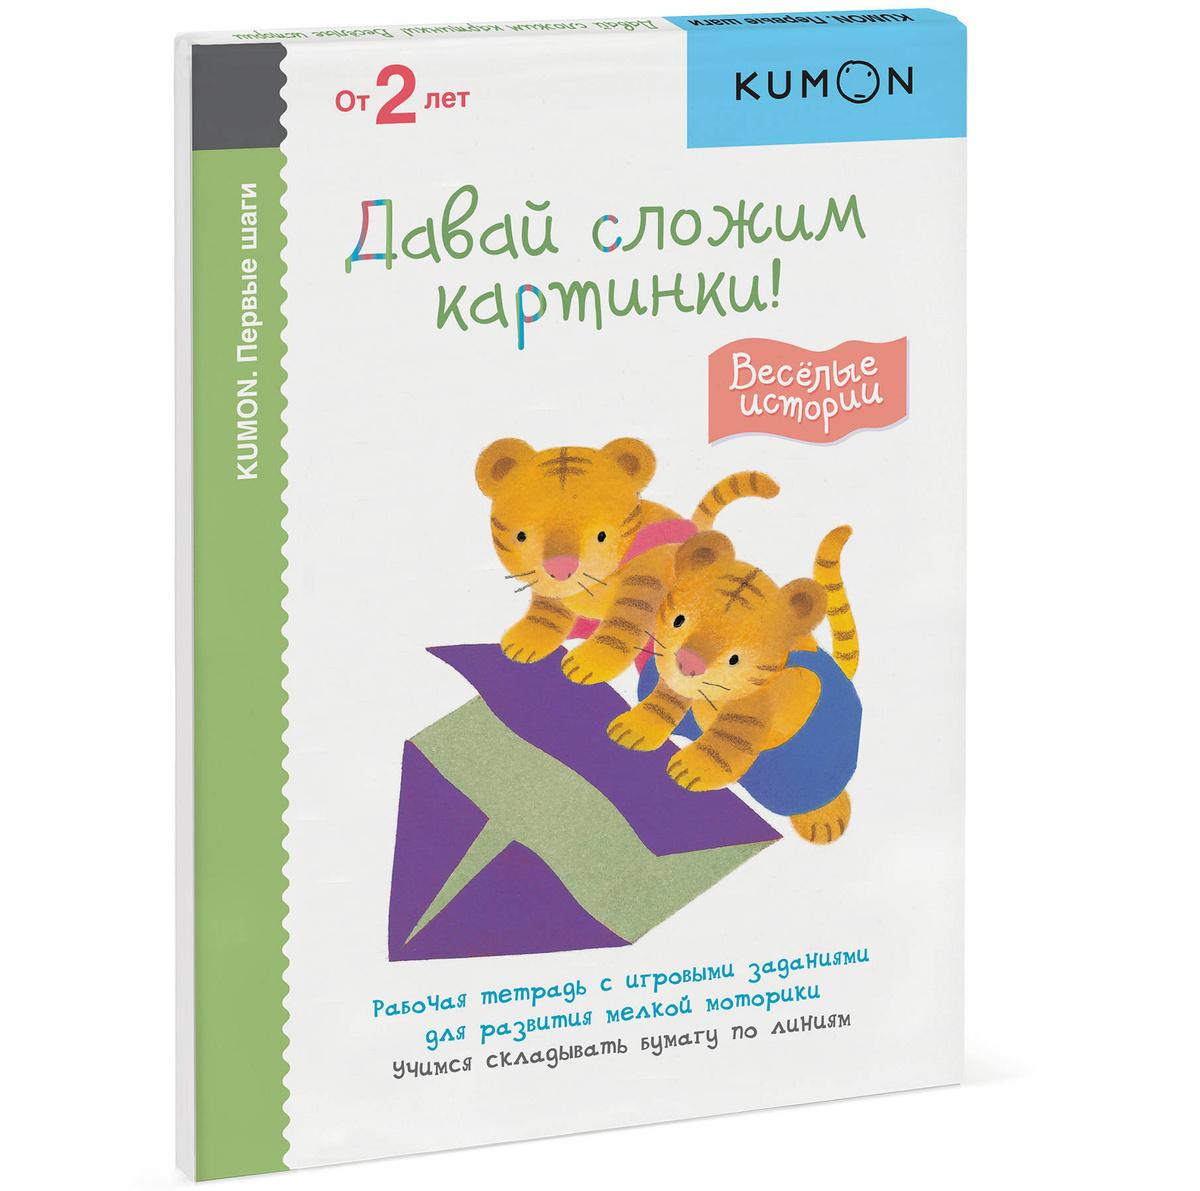 Первые шаги. Давай сложим картинки! Весёлые истории   Kumon  #1